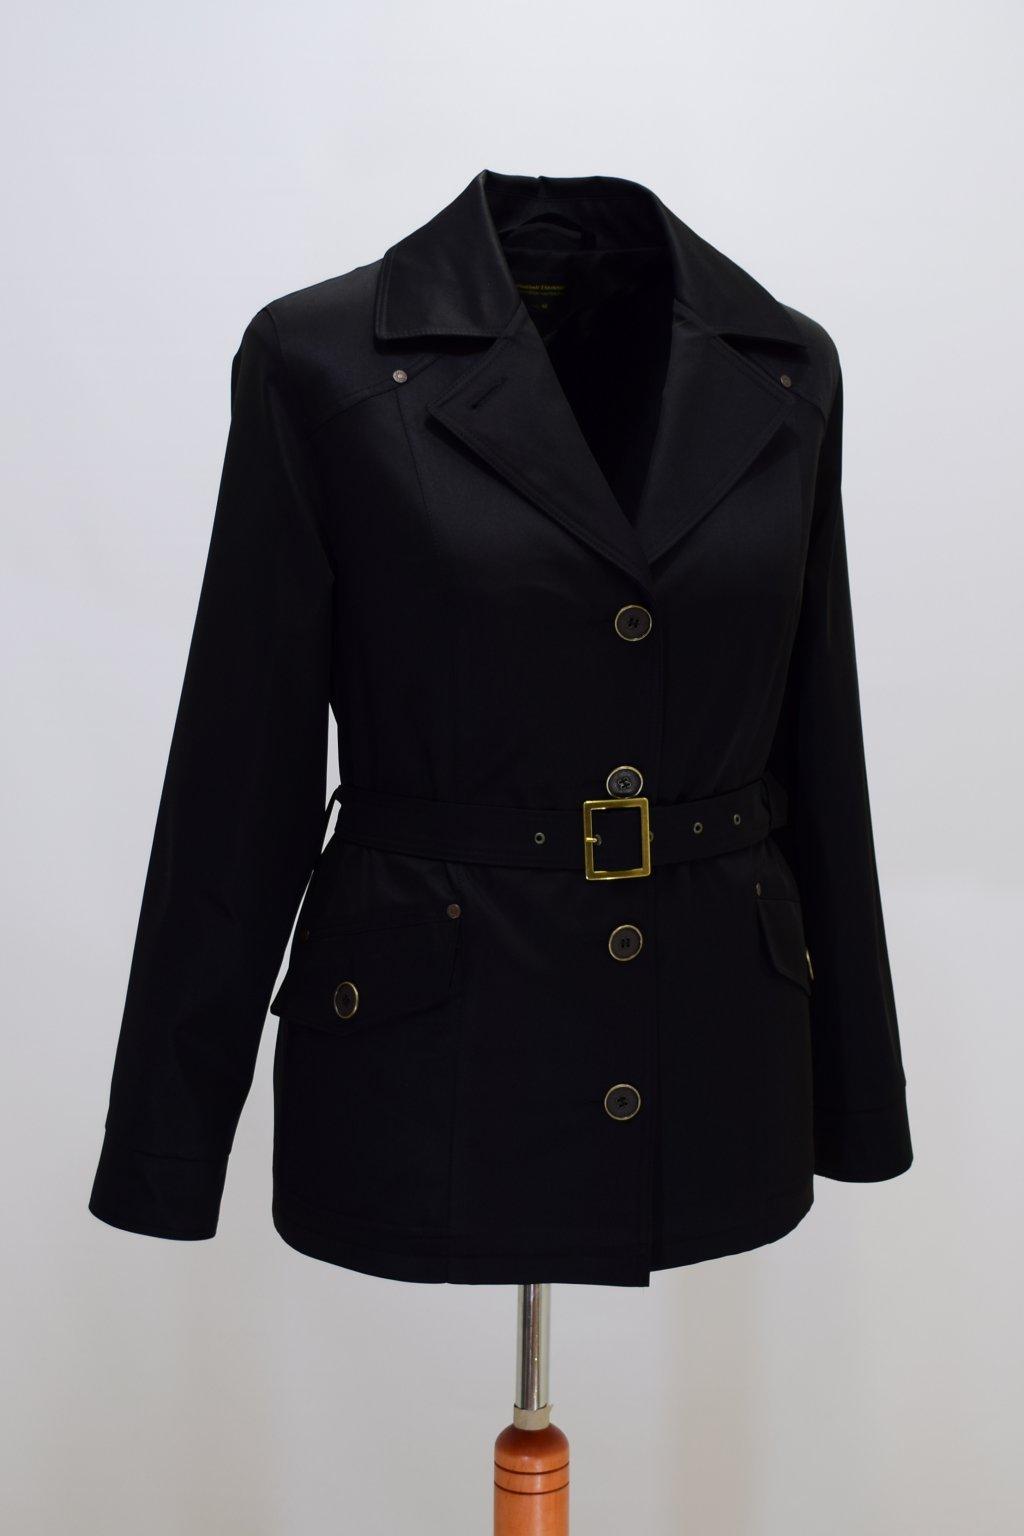 Dámský černý jarní kabátek Gábina nadměrné velikosti.